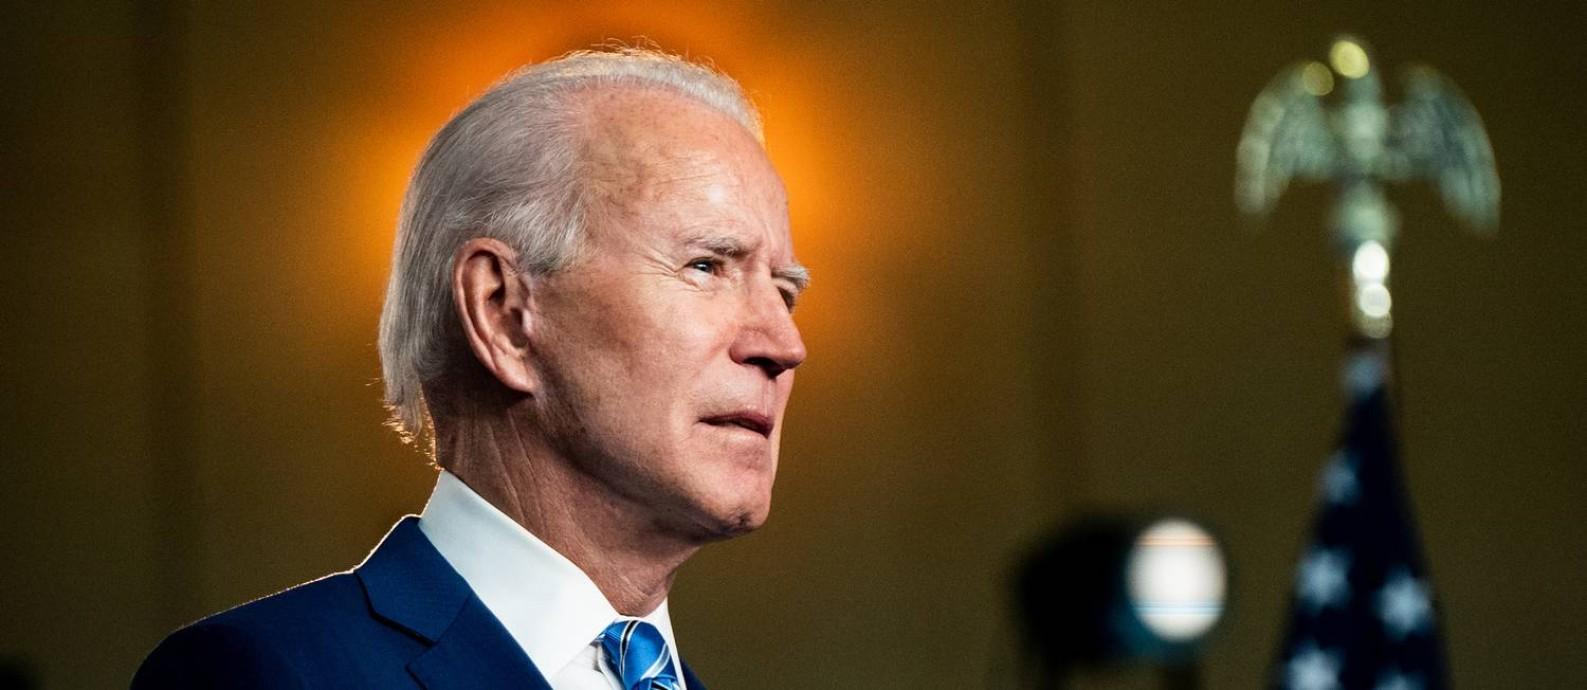 O presidente eleito dos Estados Unidos, Joe Biden, em pronunciamento à nação antes do resultado oficial em Wilmington Foto: ERIN SCHAFF / Agência O Globo